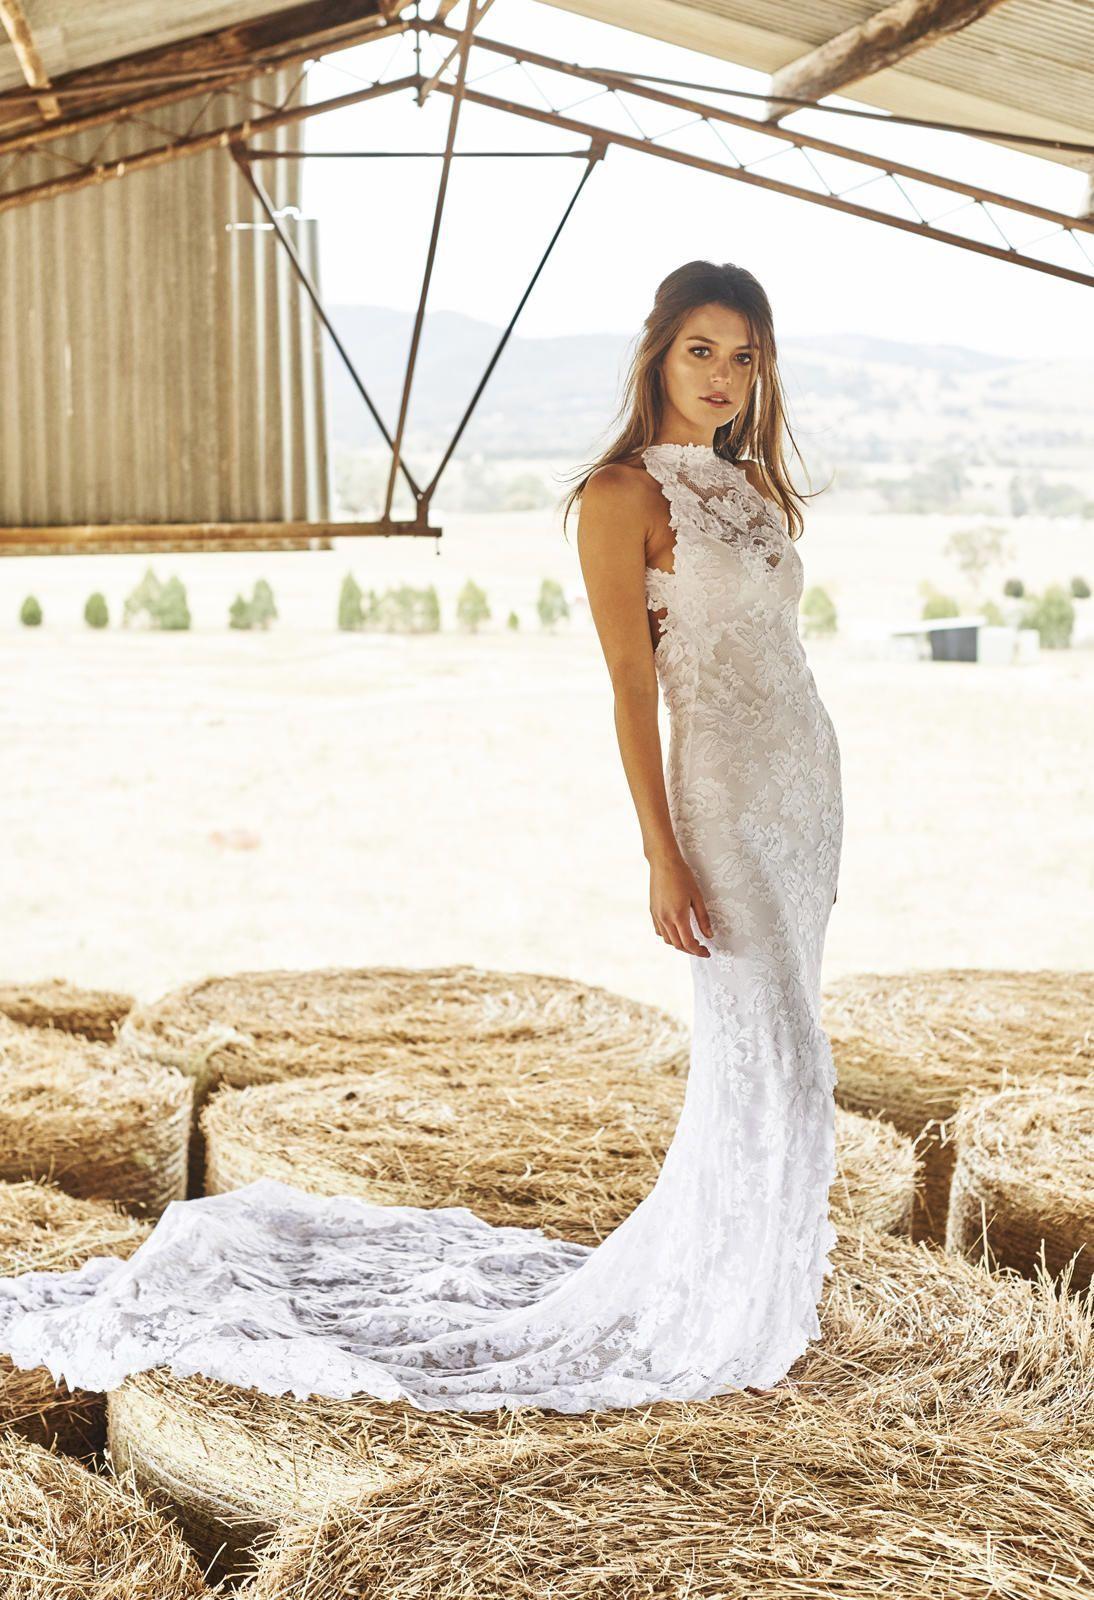 da0ae4b4739 Amazing rustic style wedding gowns